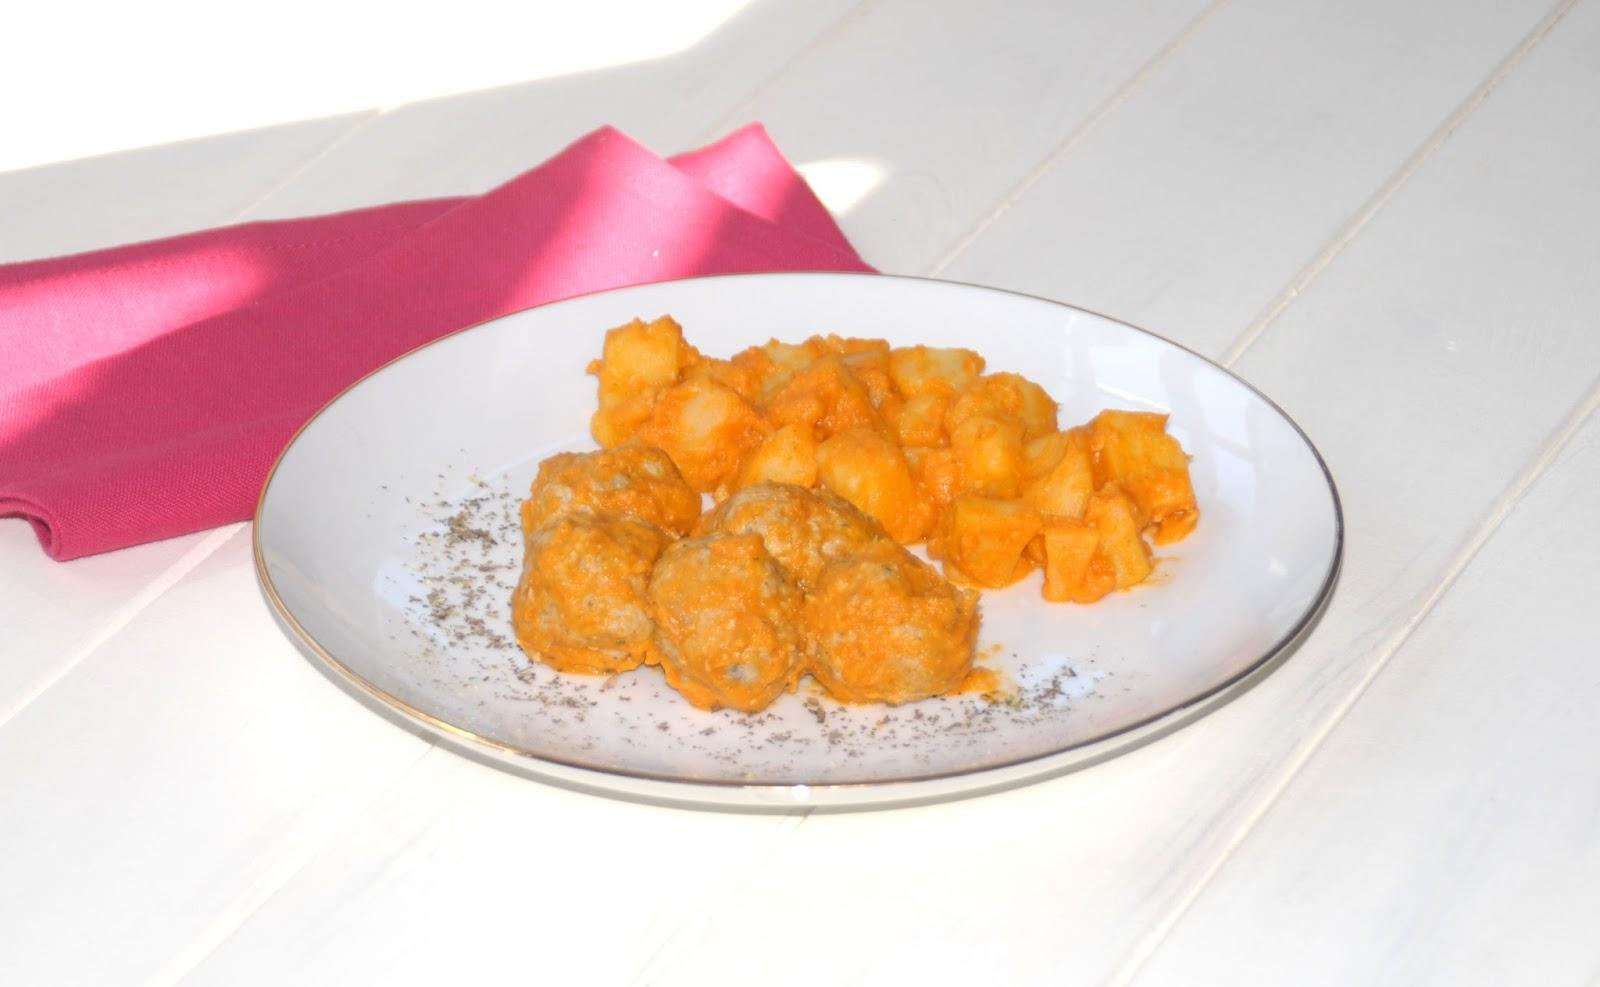 Receta de albóndigas al vapor con salsa de verduras y patatas en Thermomix